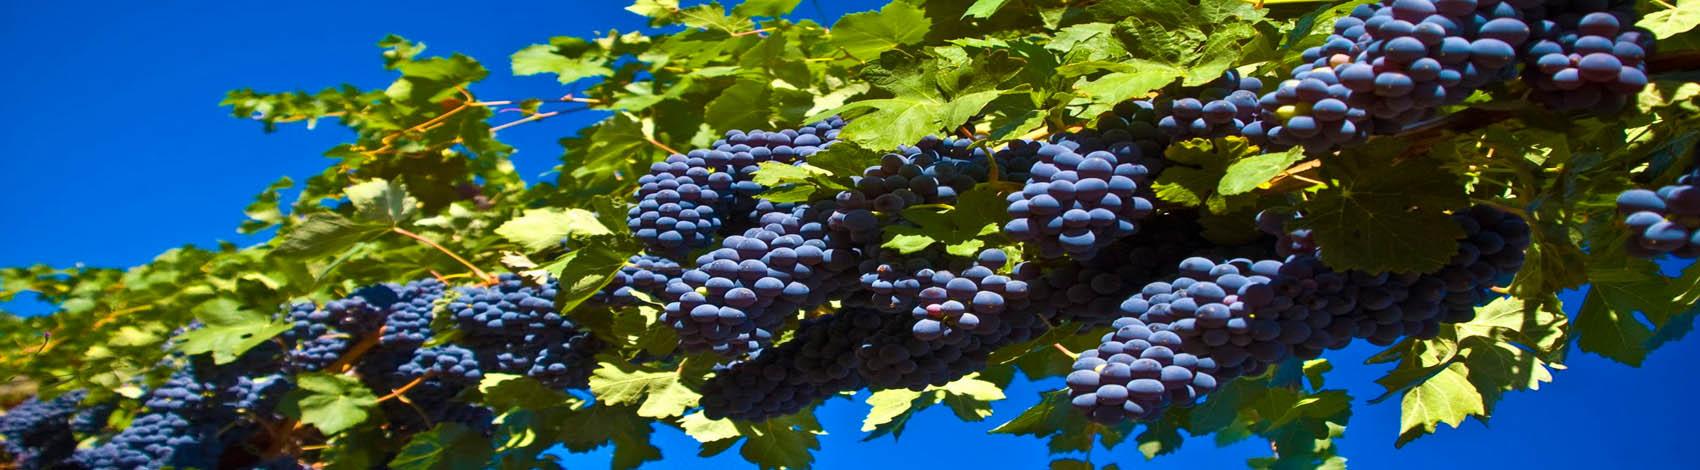 Rrushi i zi dhe efektet e shëndetshme të tijë   Mjeksia Islame